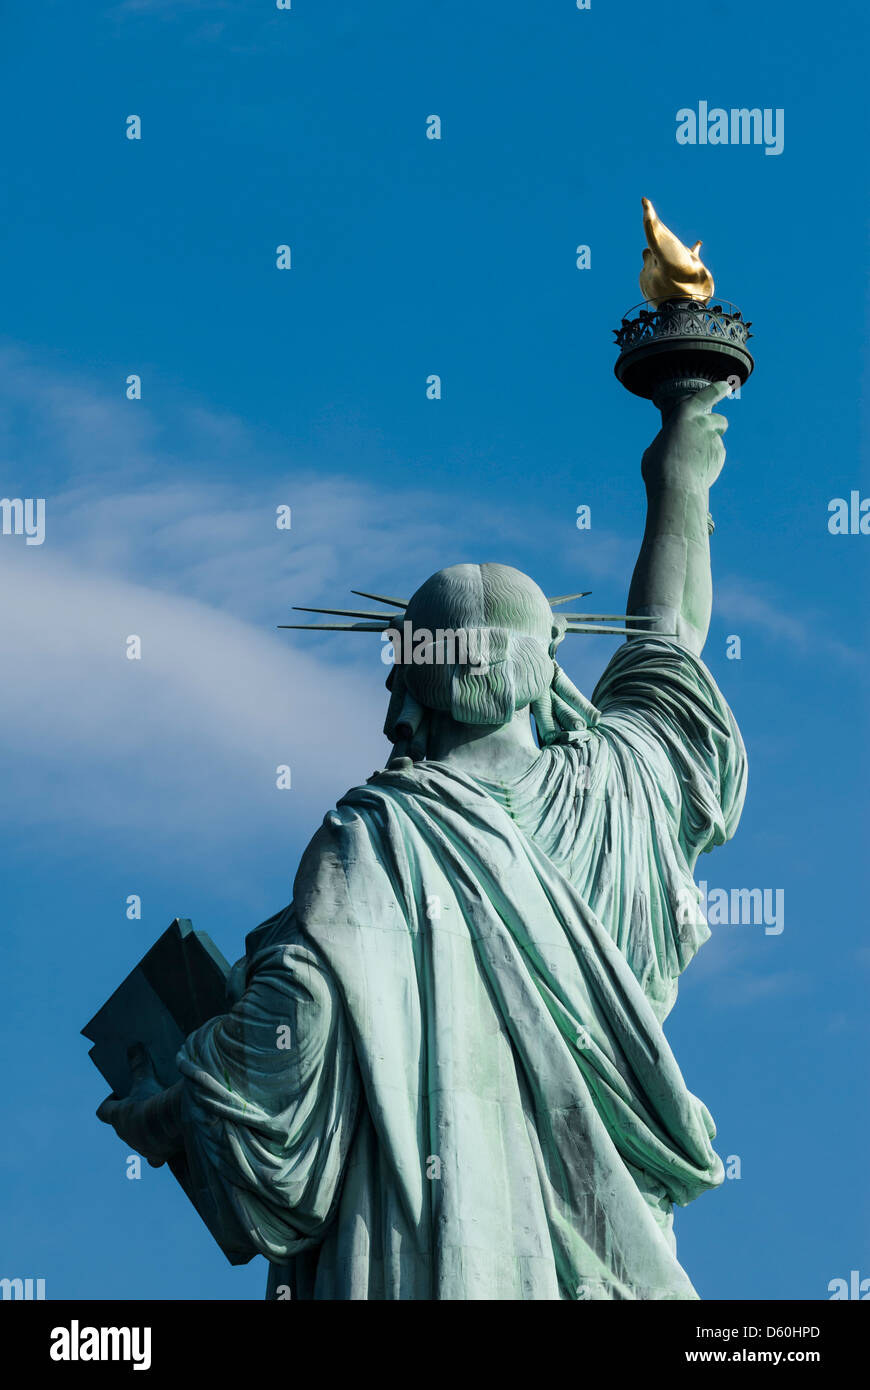 Arrière de la Statue de la liberté, Liberty Island, New York City, New York, États-Unis d'Amérique, Photo Stock